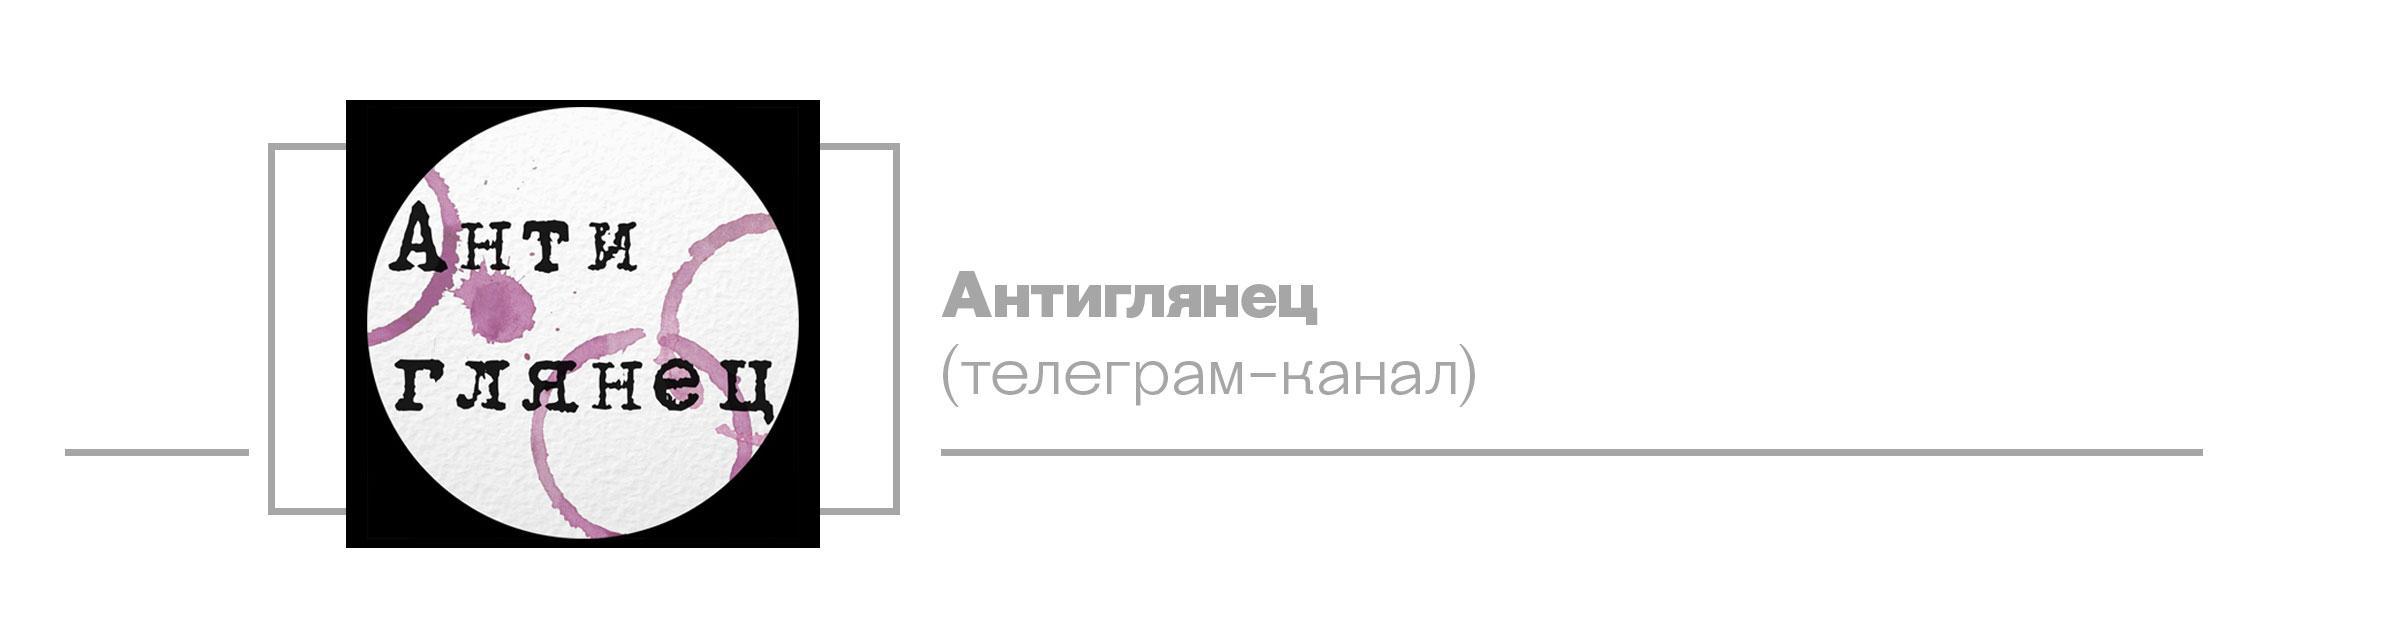 Антиглянец (телеграм-канал)